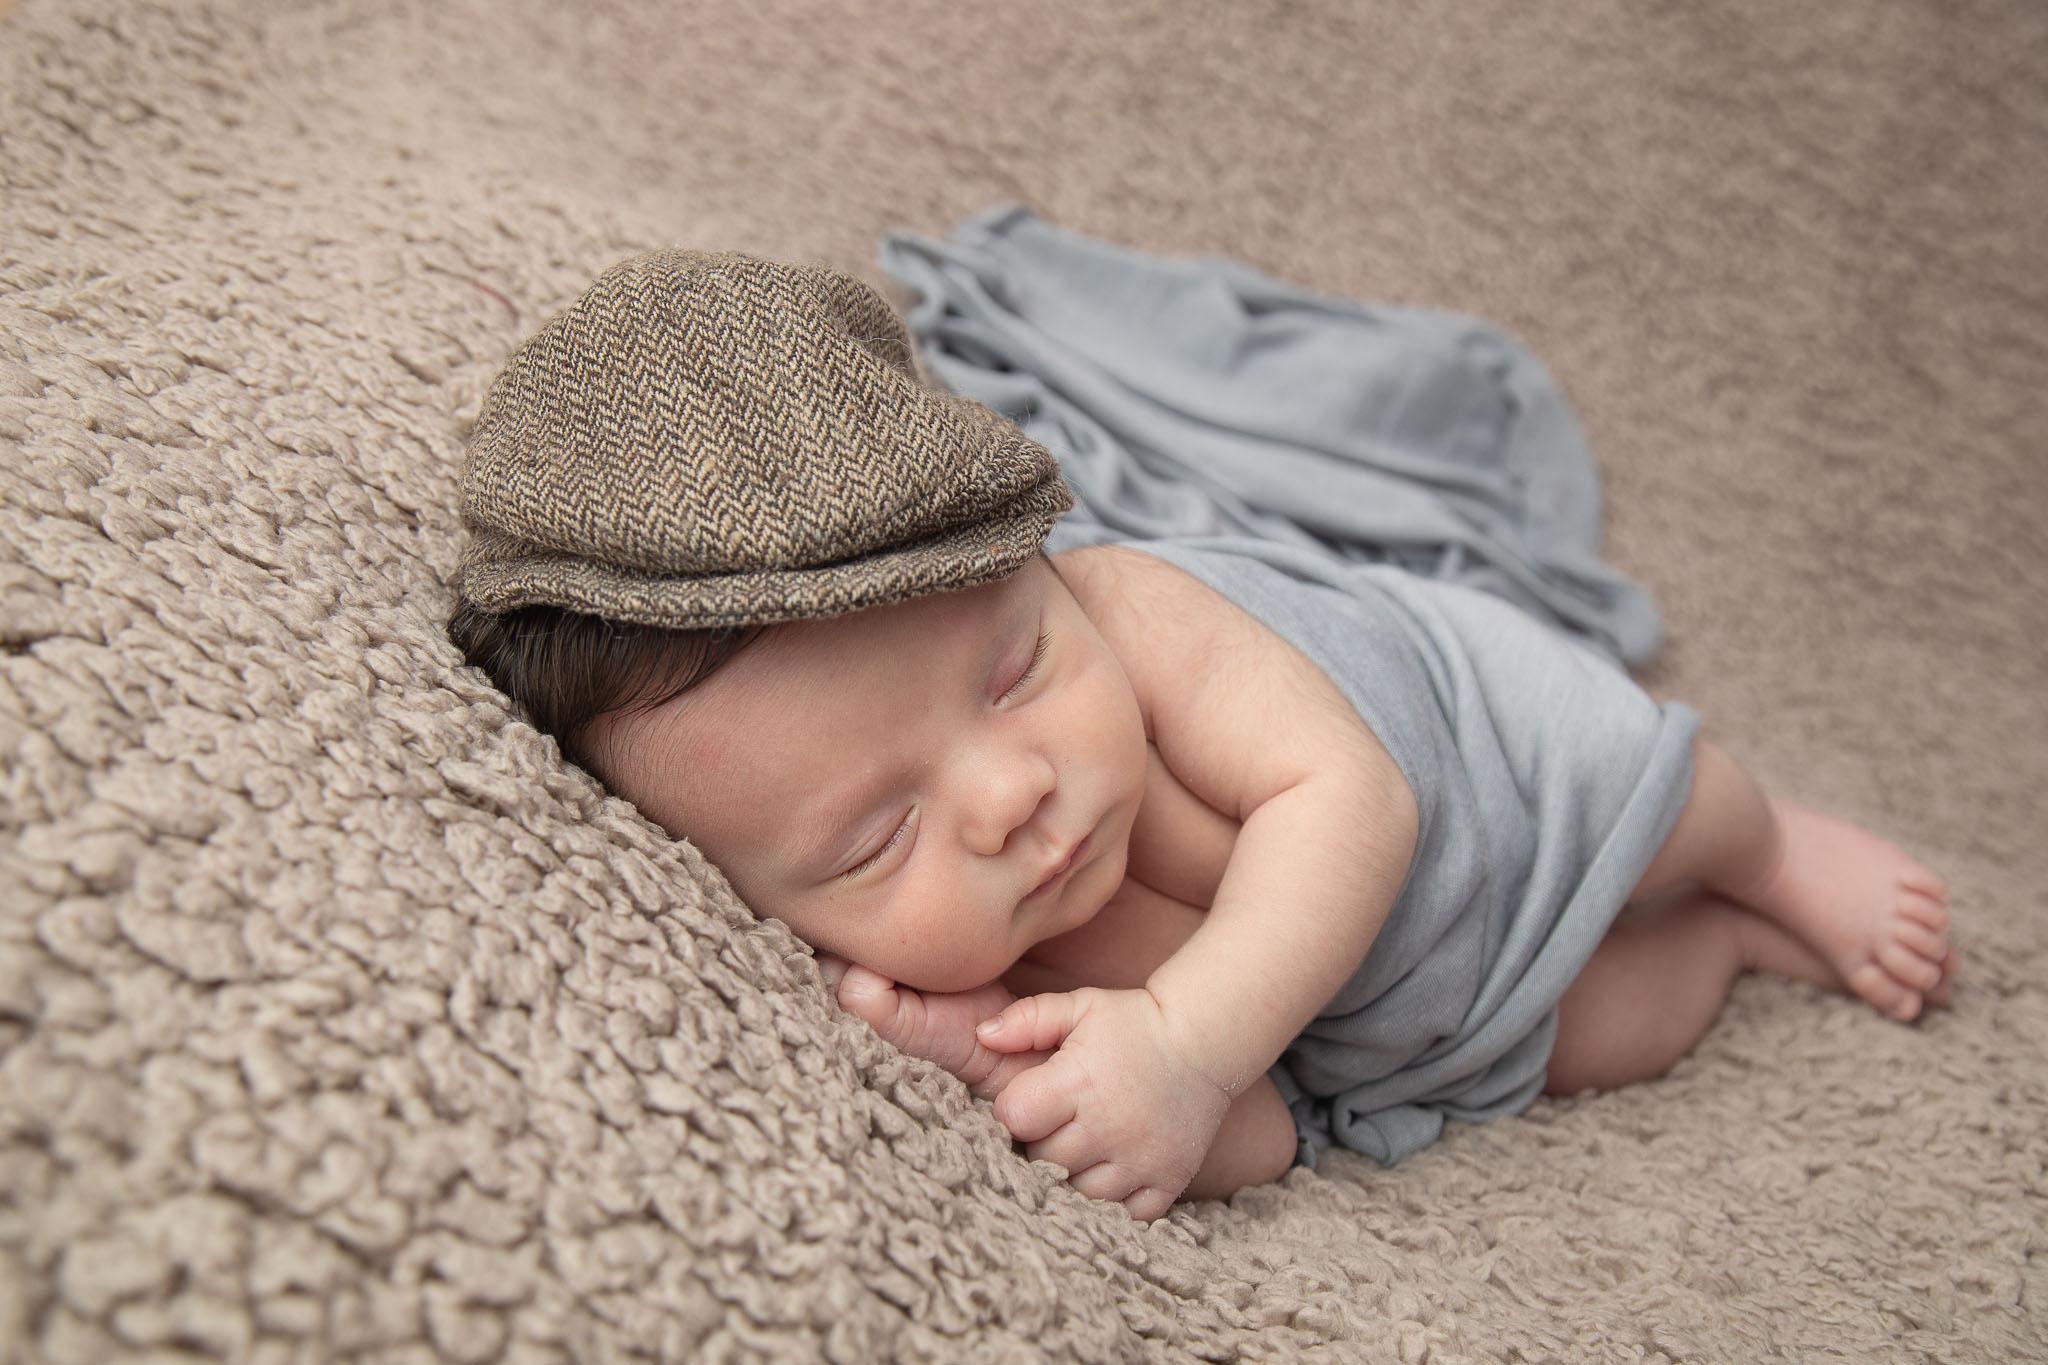 Sessão Fotográfica de Recém Nascido (Newborn) em Loulé